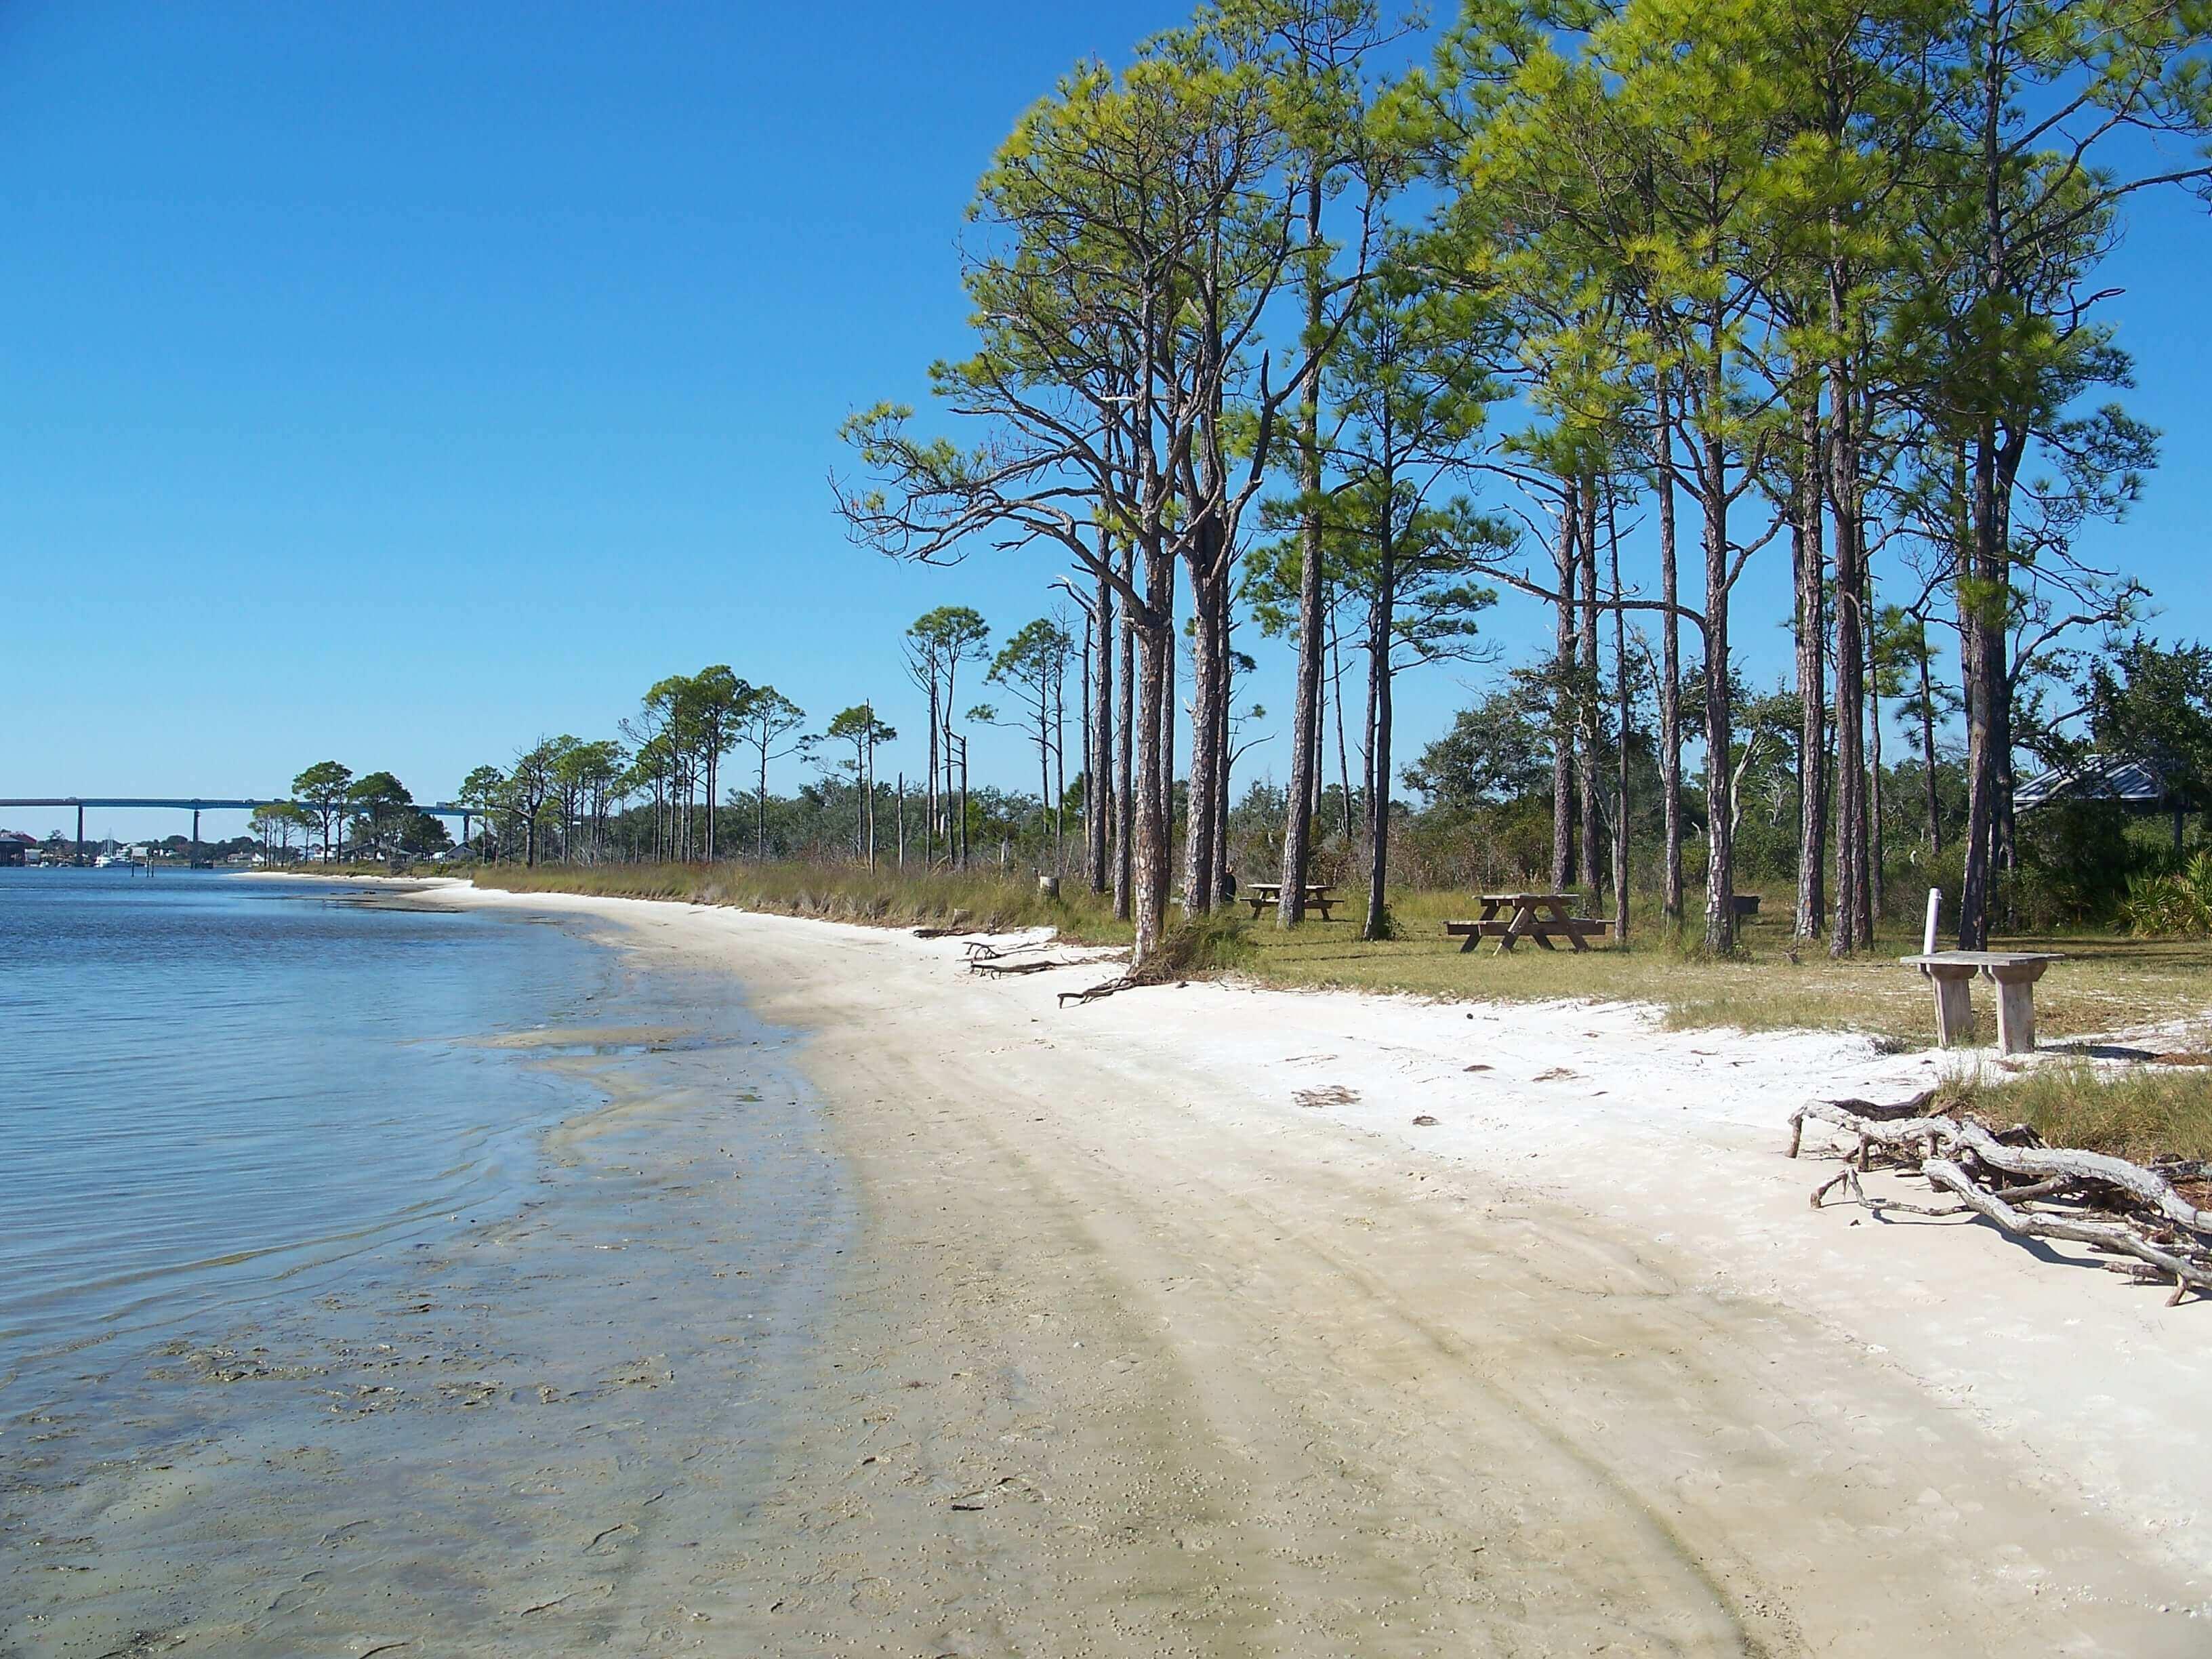 Pensacola Florida bay area